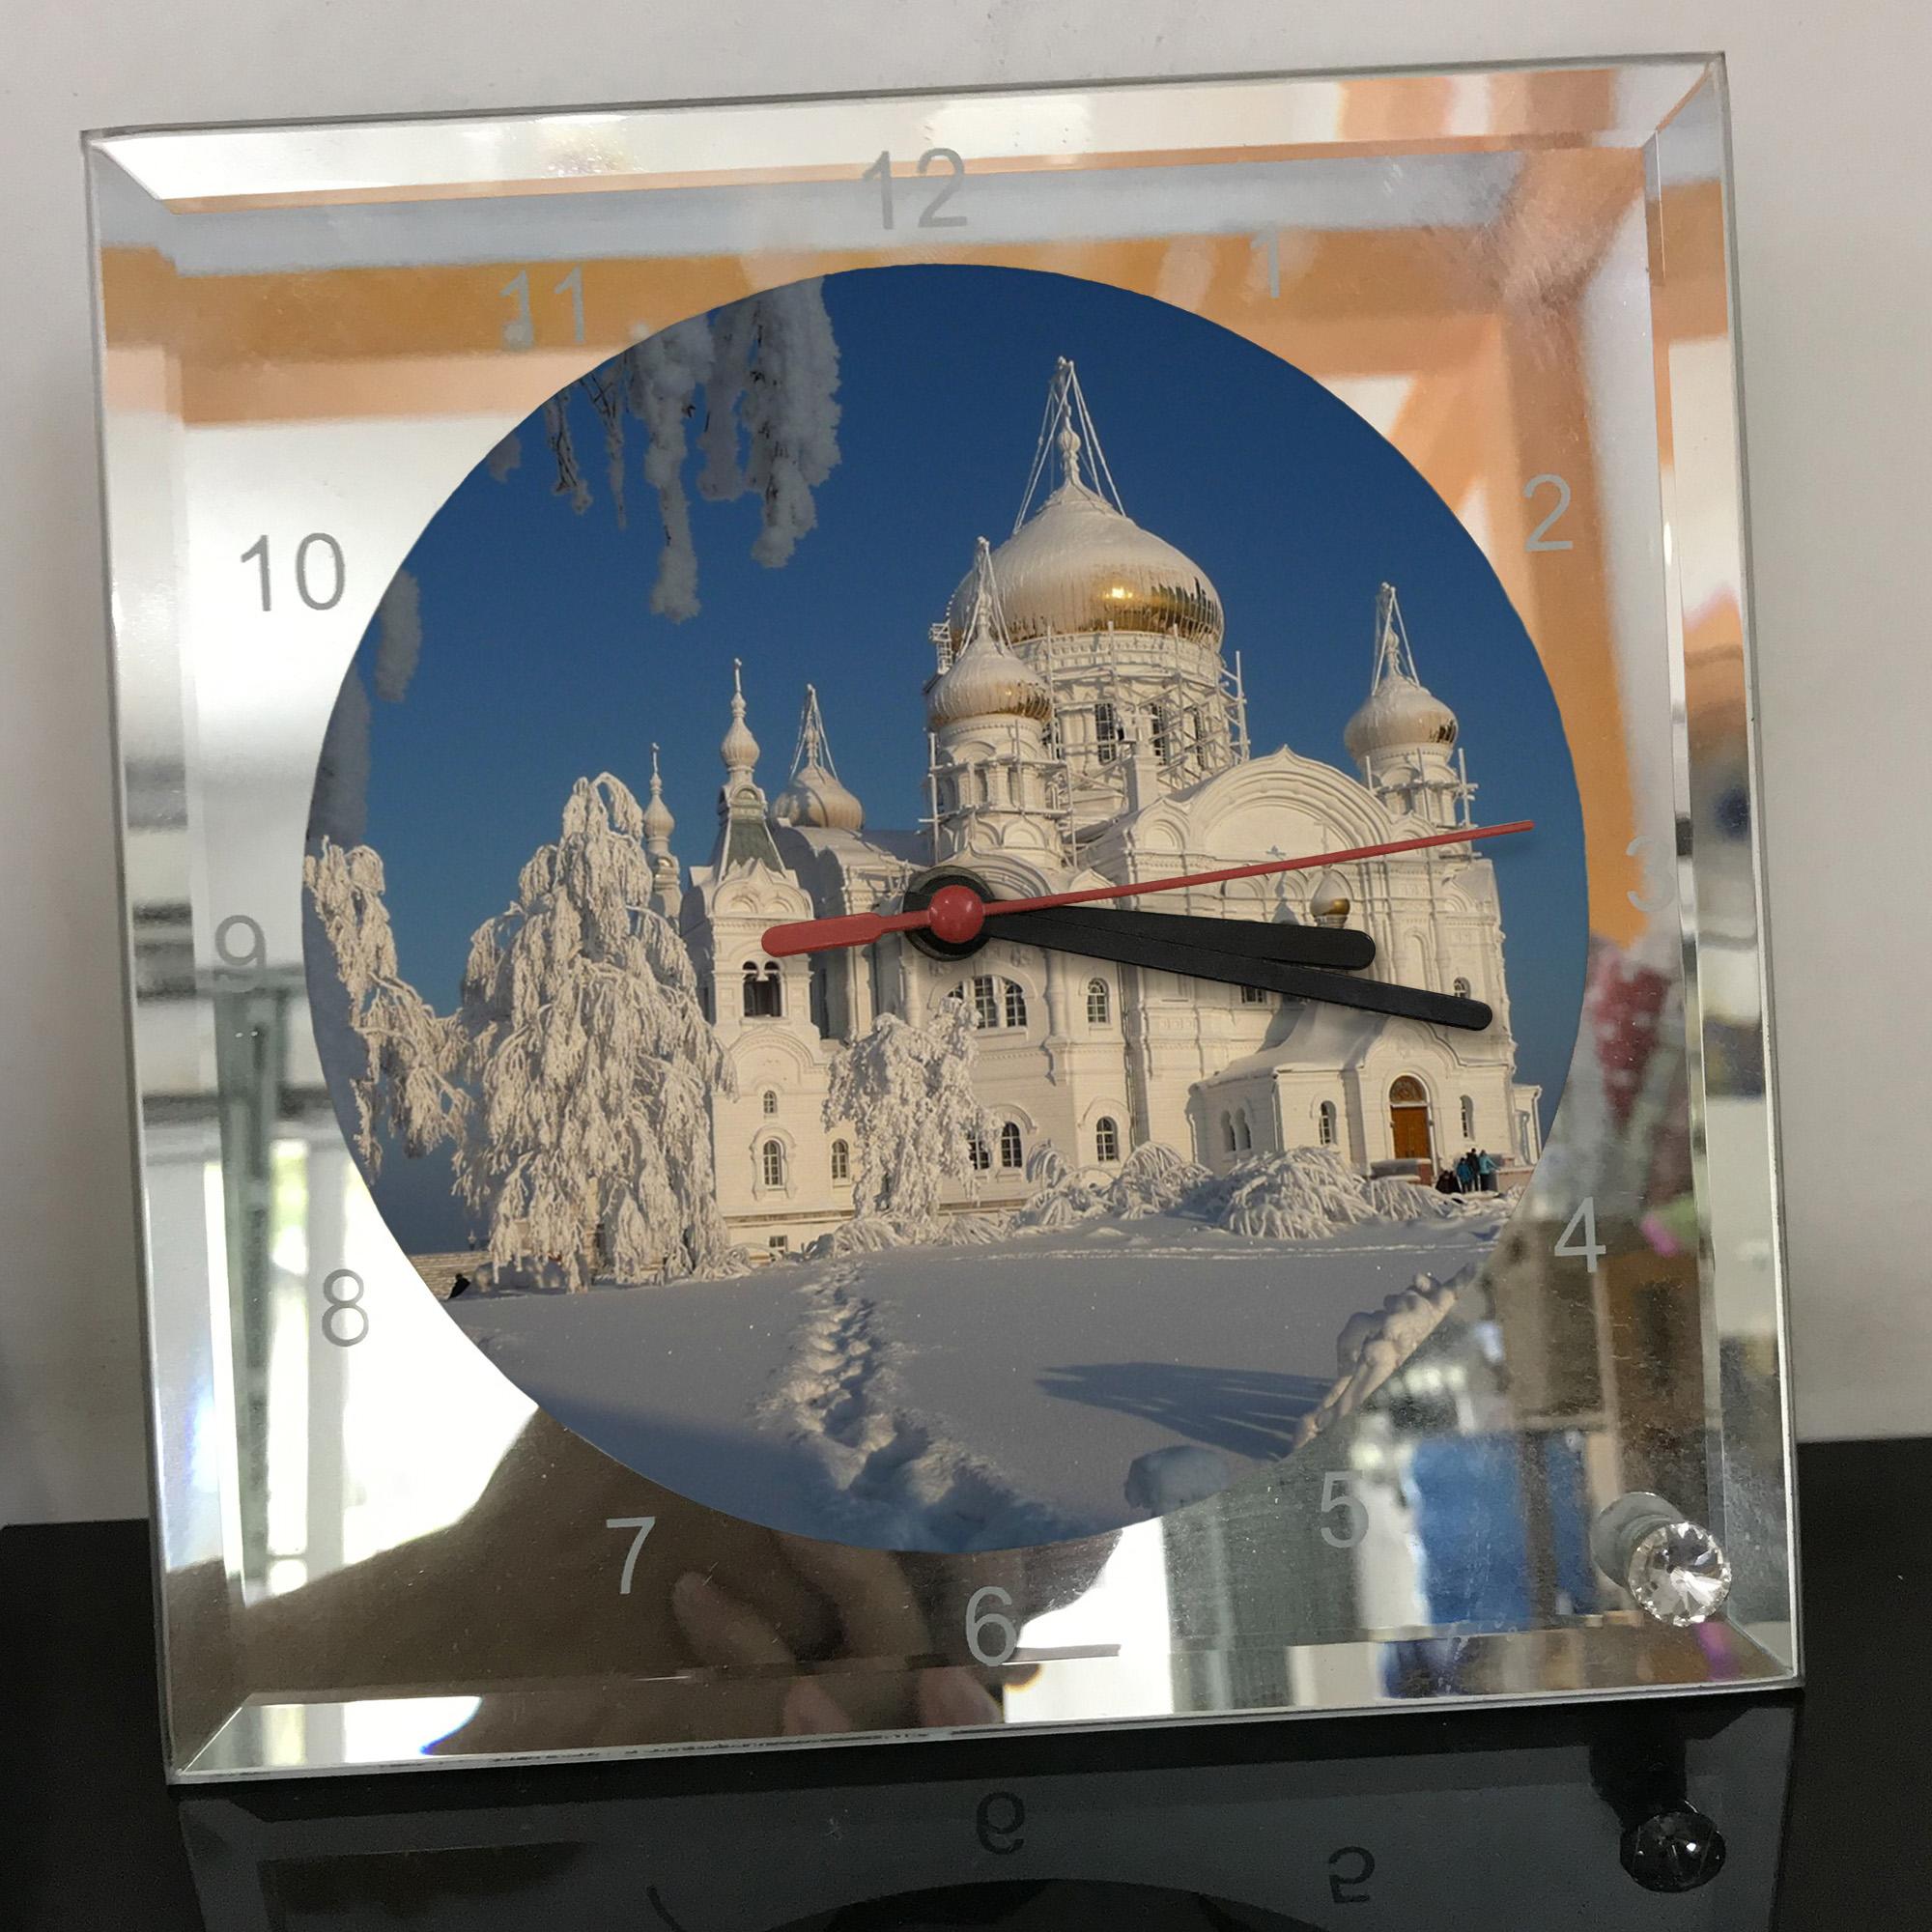 Đồng hồ thủy tinh vuông 20x20 in hình Church - nhà thờ (290) . Đồng hồ thủy tinh để bàn trang trí đẹp chủ đề tôn giáo